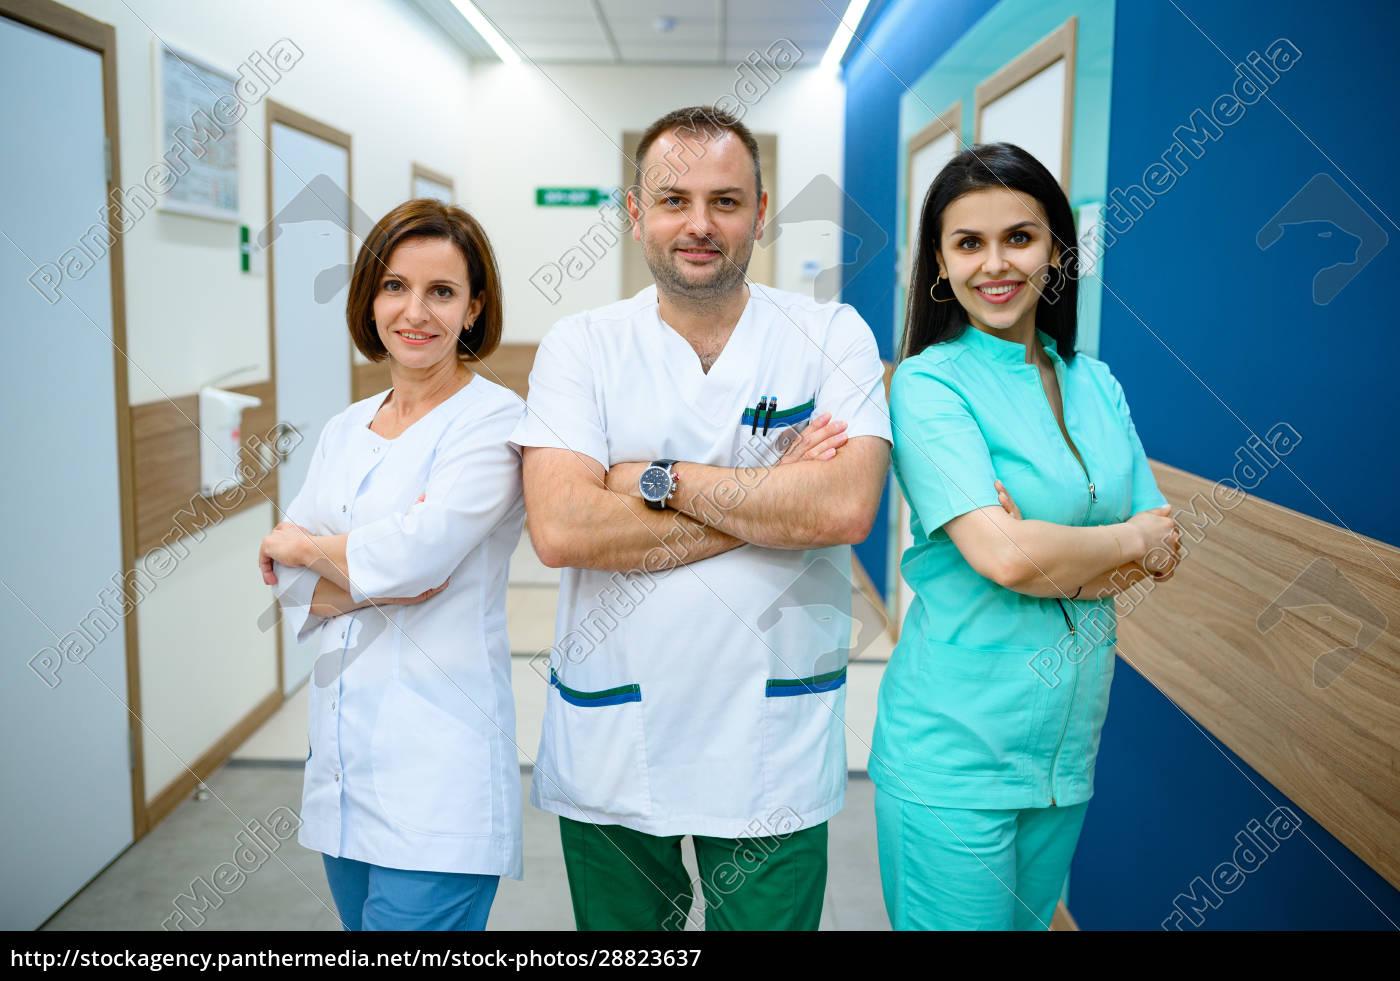 drei, lächelnde, Ärzte, stehen, im, klinikflur - 28823637